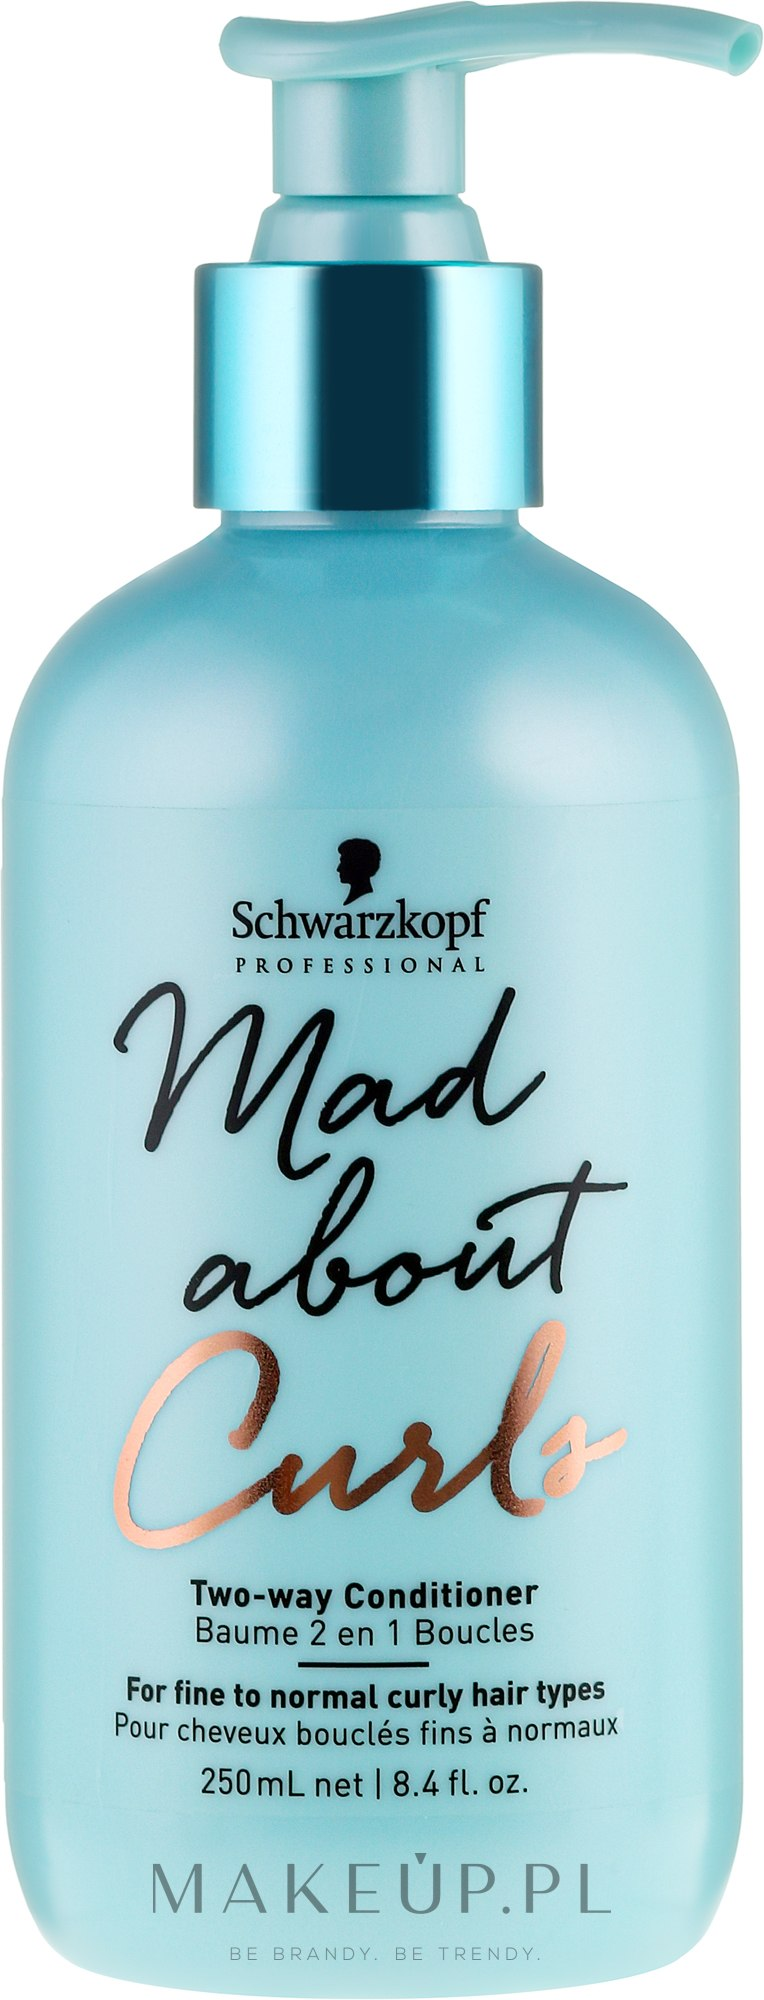 Odżywka do włosów cienkich i normalnych - Schwarzkopf Professional Mad About Curls Two-way Conditioner — фото 250 ml